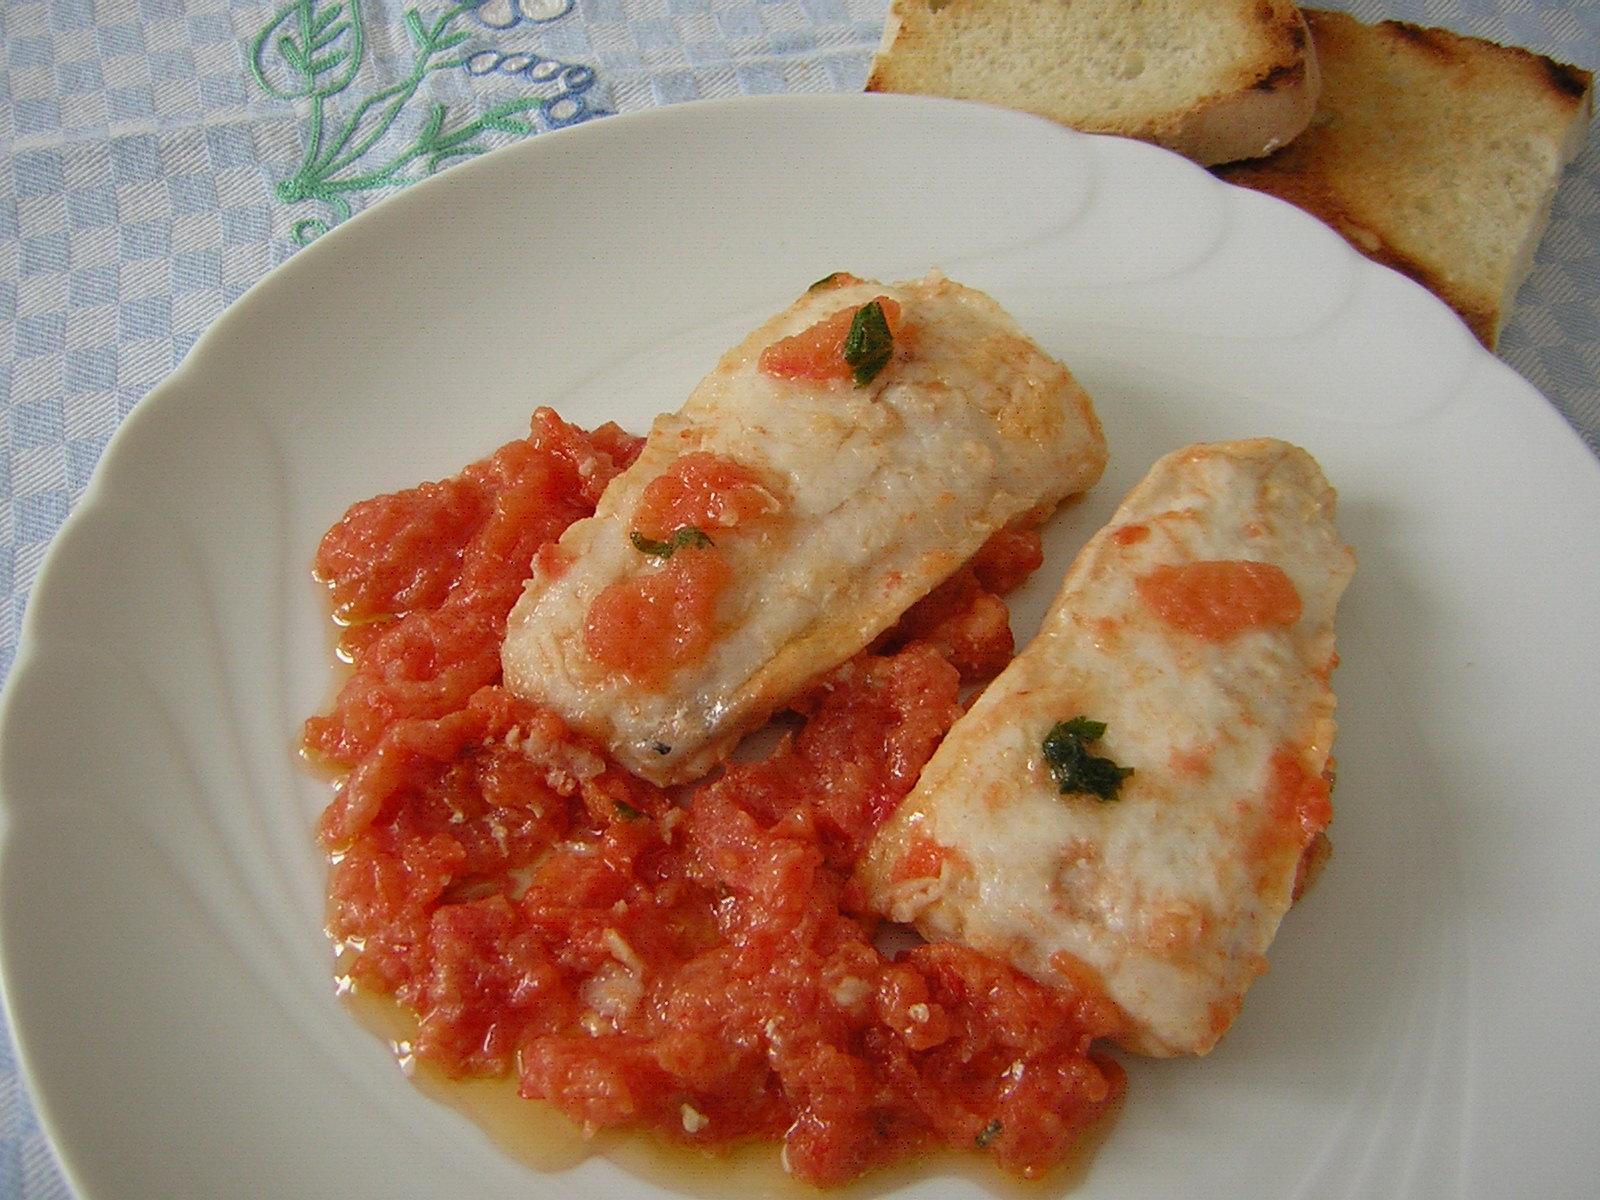 Filetti di merluzzo al pomodoro in cucina con zia lora - Cucinare merluzzo surgelato ...